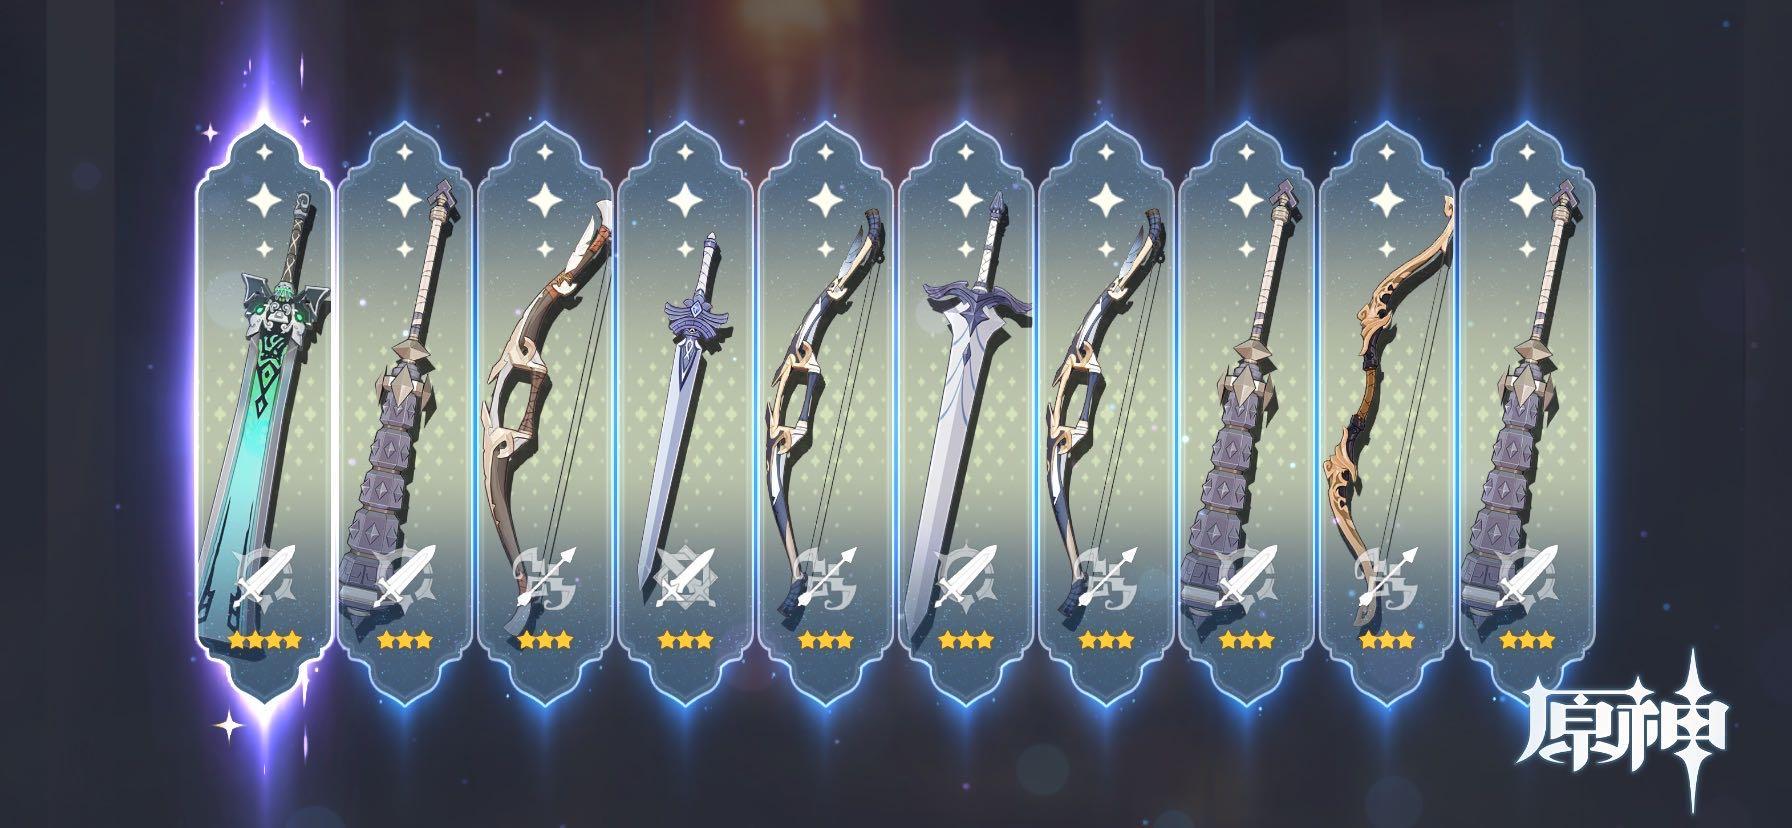 《原神》的抽卡系统(武器大师)